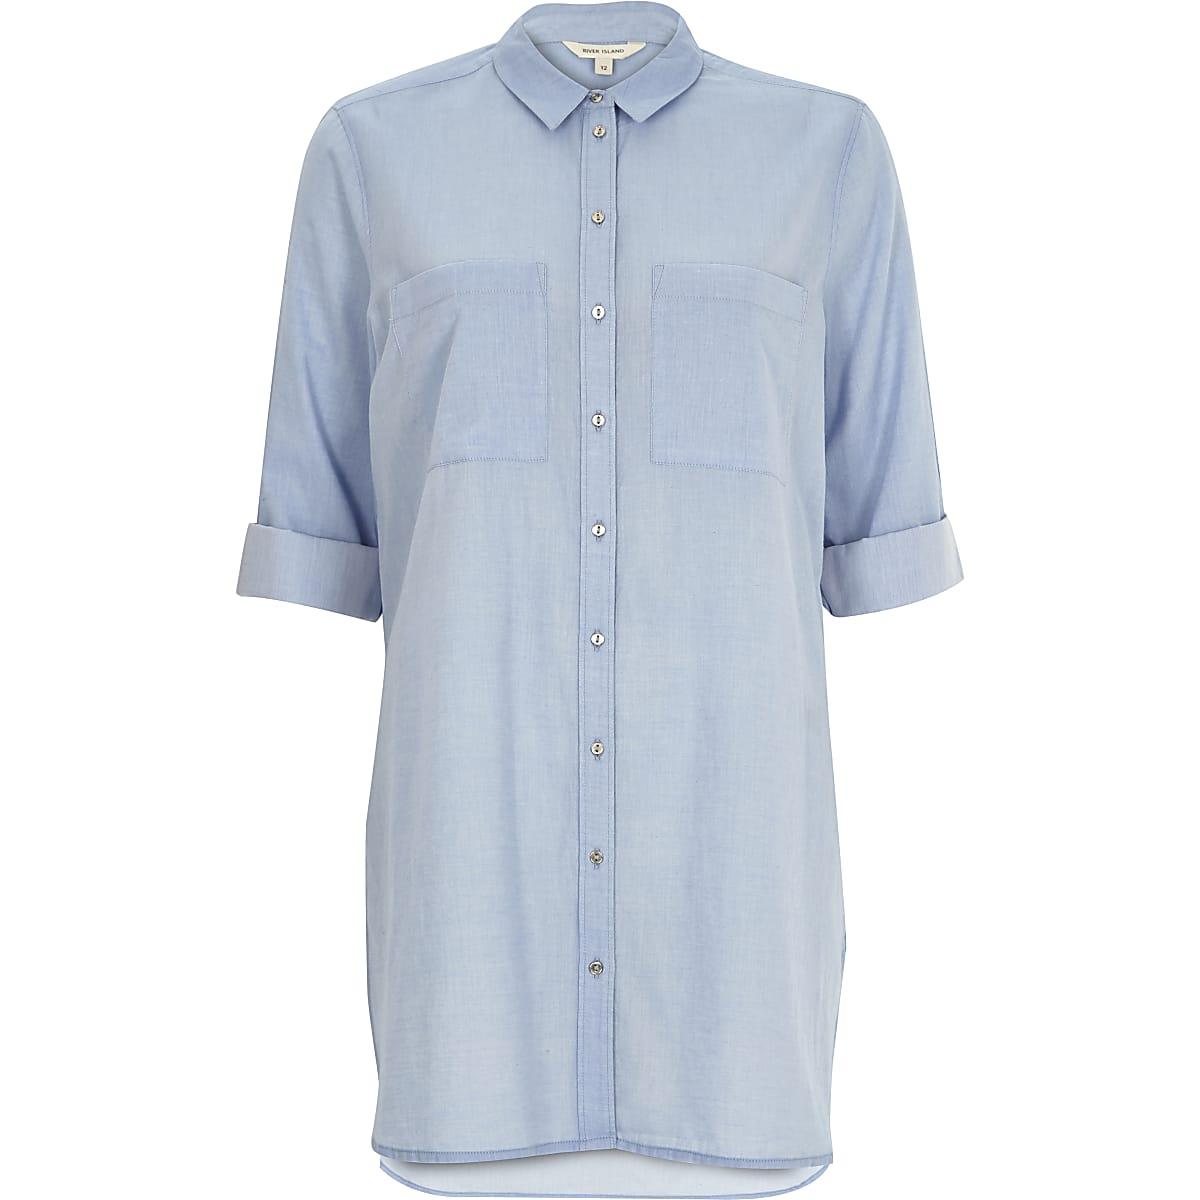 Blue chambray longline shirt